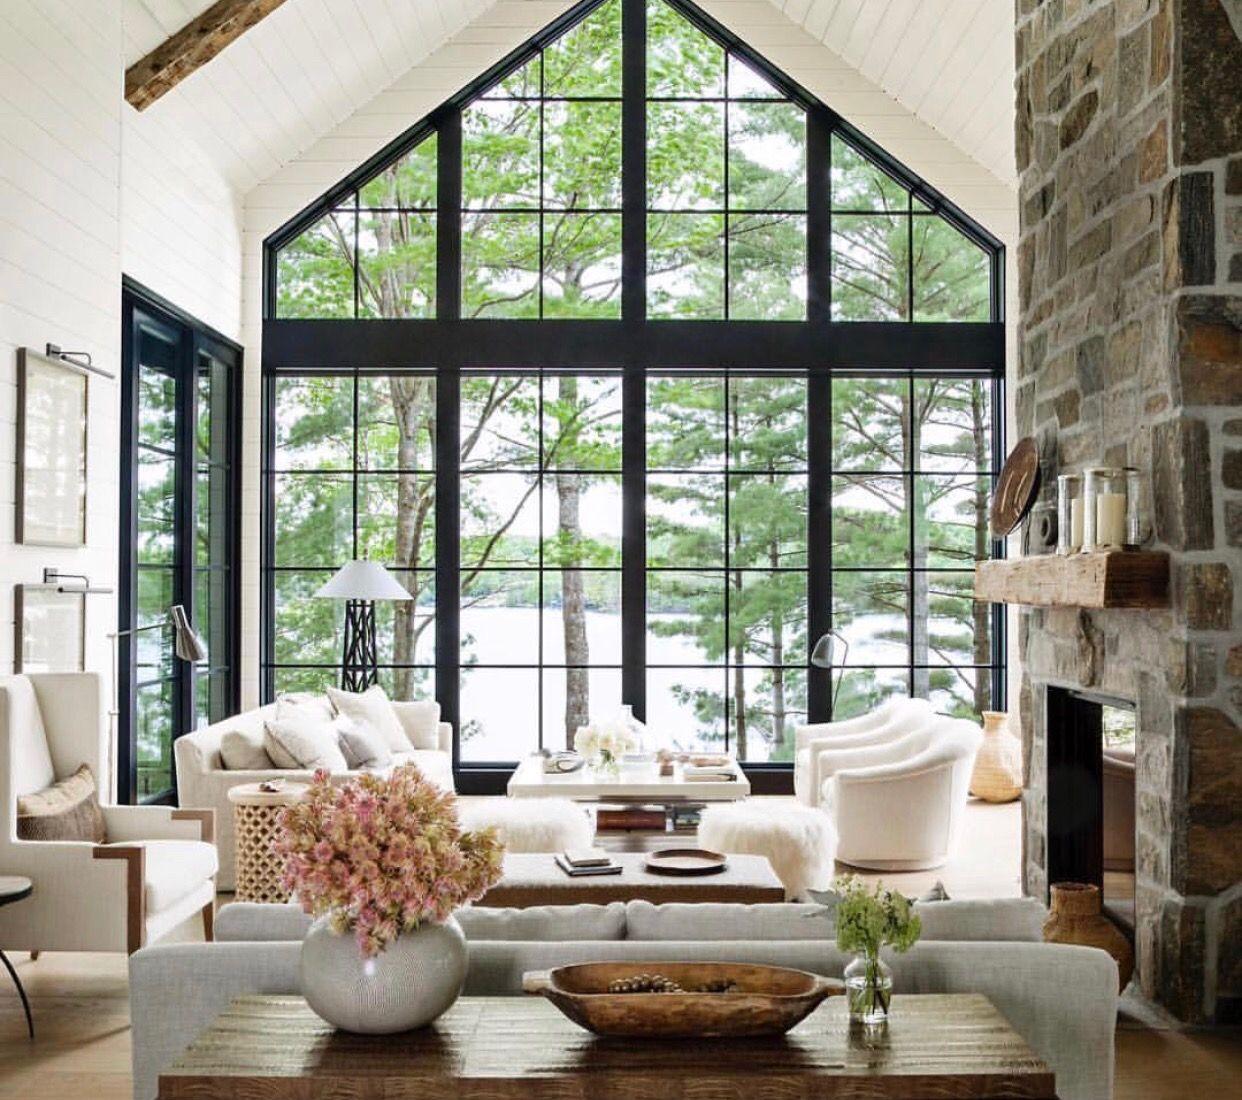 Stahlfenster, Fenster Und Türen, Riesige Fenster, Haus Stile, Wohnräume,  Wohnzimmer Stile, Kleiner Lebensraum, Moderne Wohnzimmer, Landschaftsbau